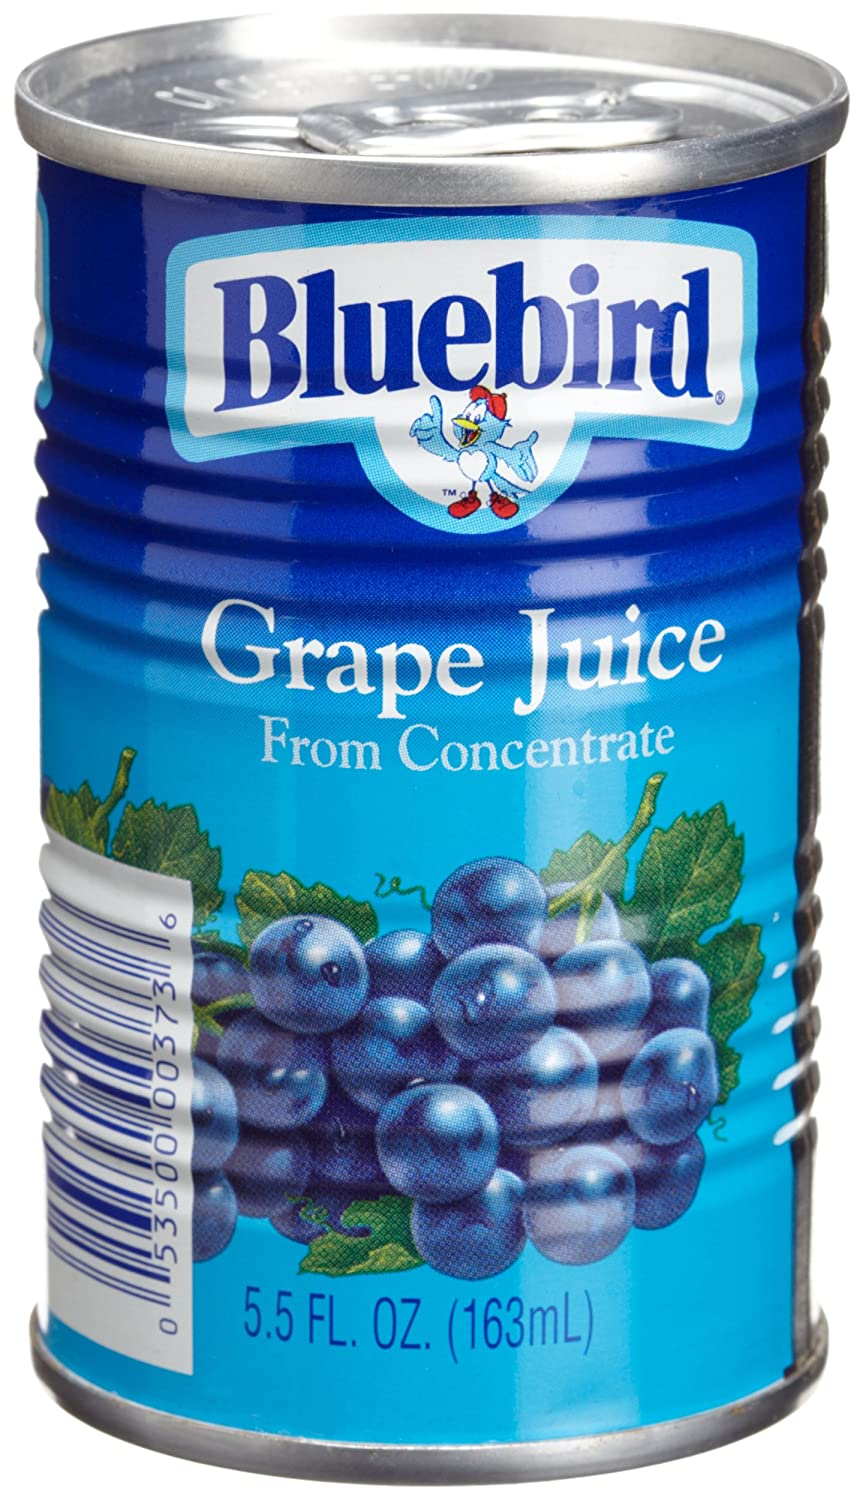 Buwei 4 St/ück Grapefruitl/öffel Gezackte Edelstahlfrucht Grapefruit